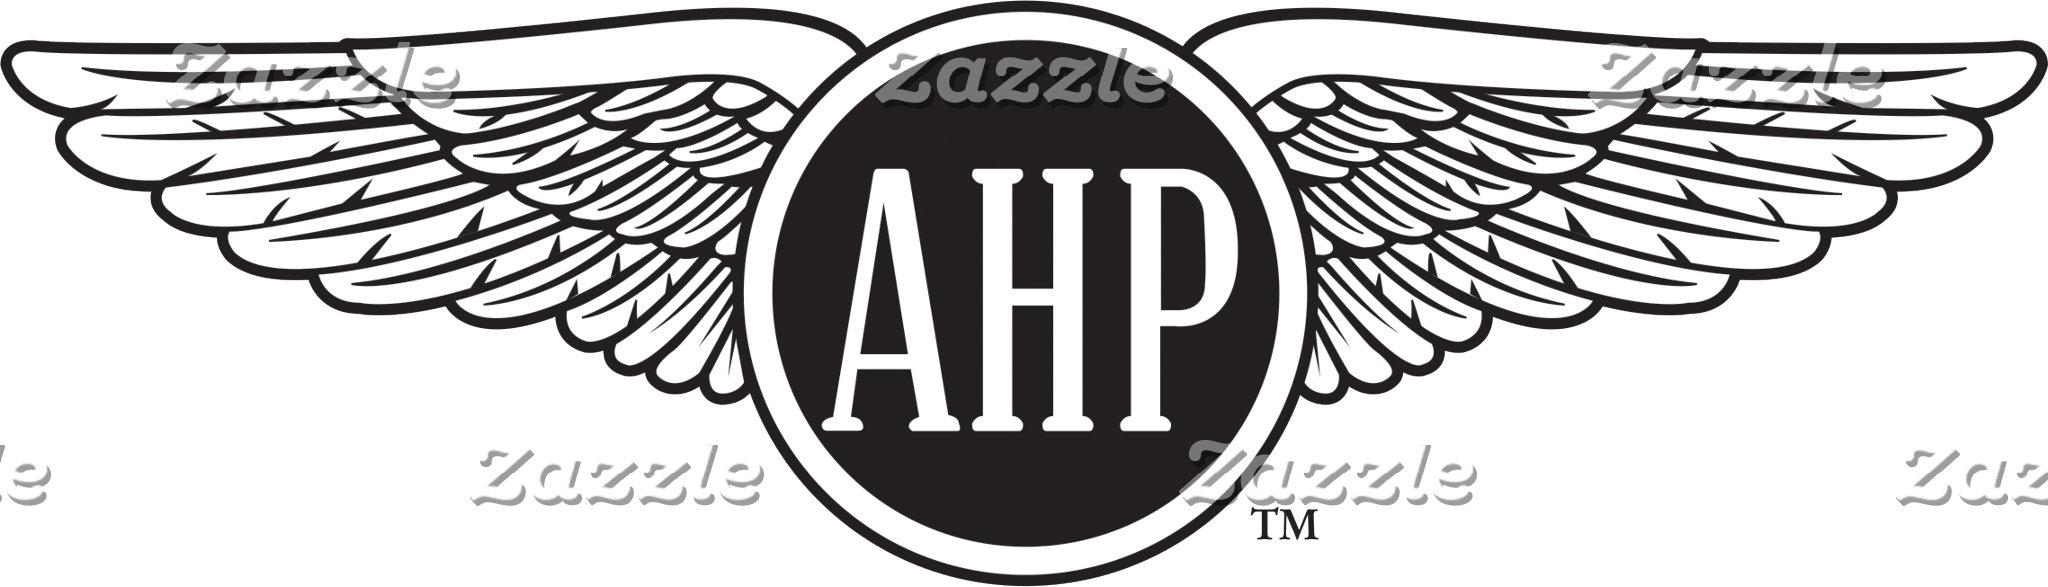 AHP Wings - B&W